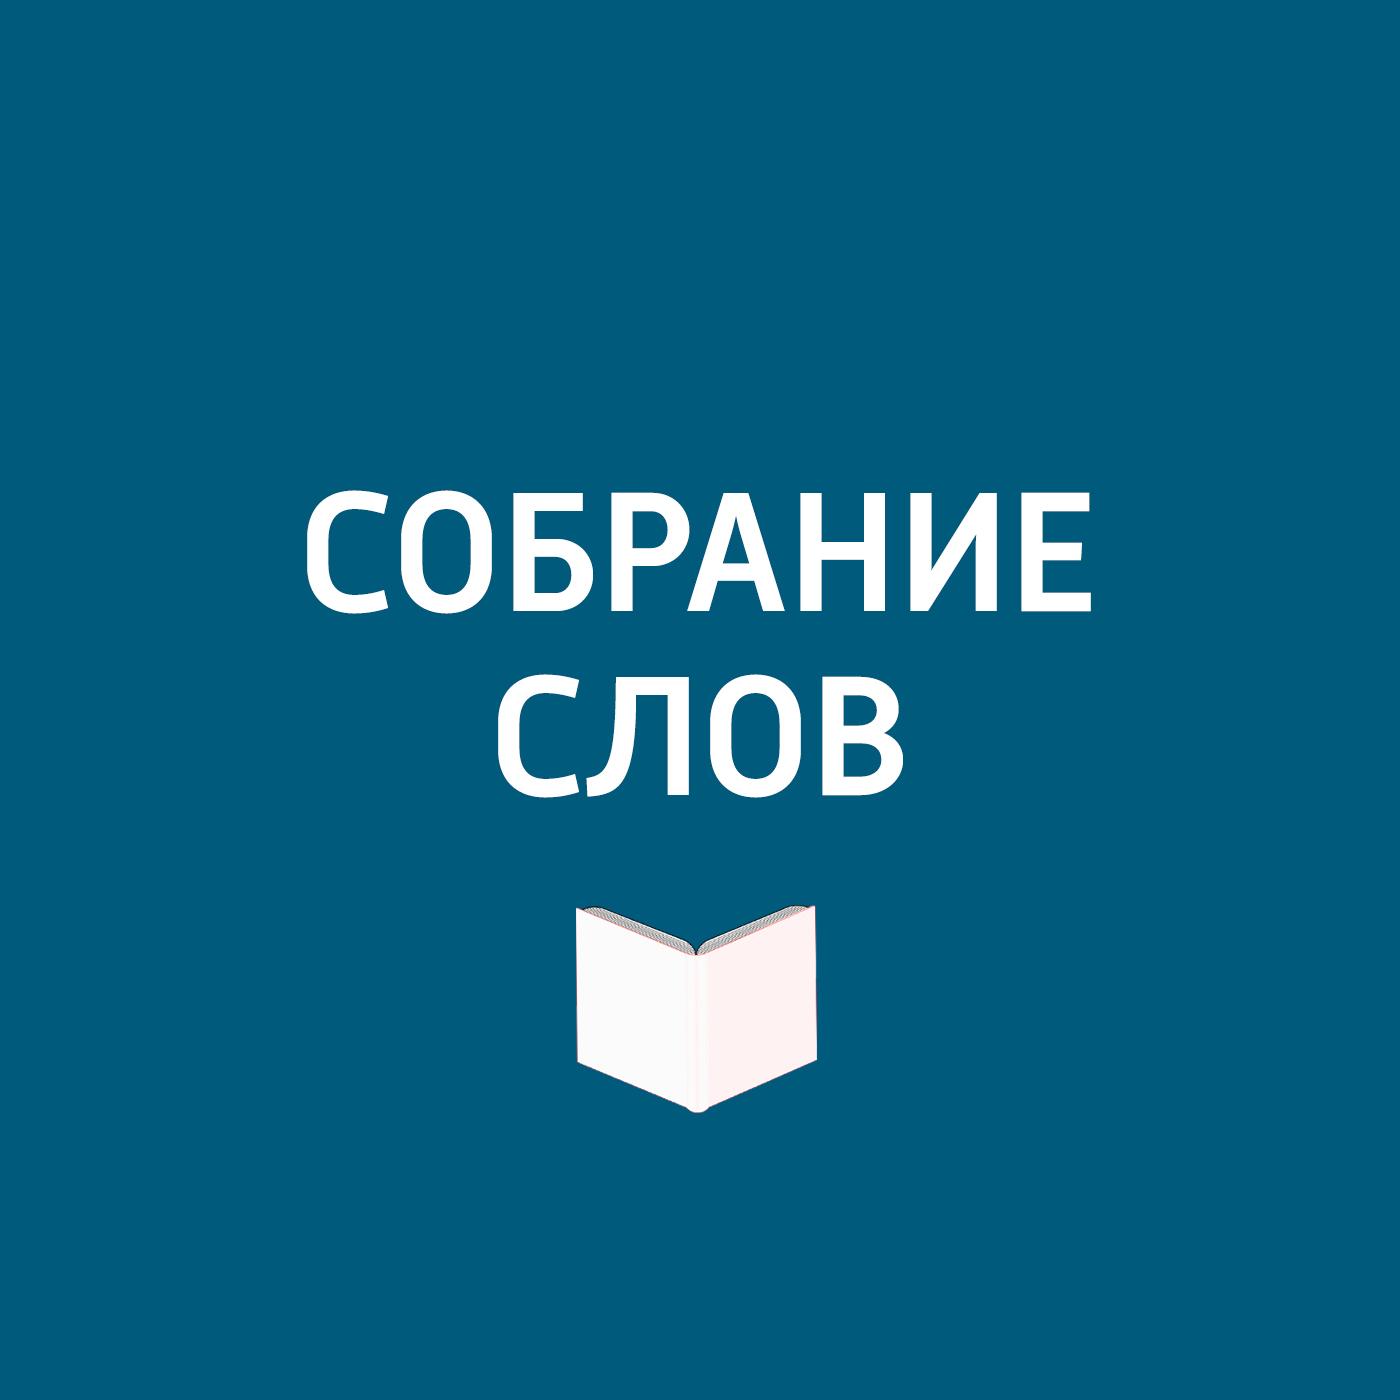 Творческий коллектив программы «Собрание слов» Большое интервью Сергея Женовача